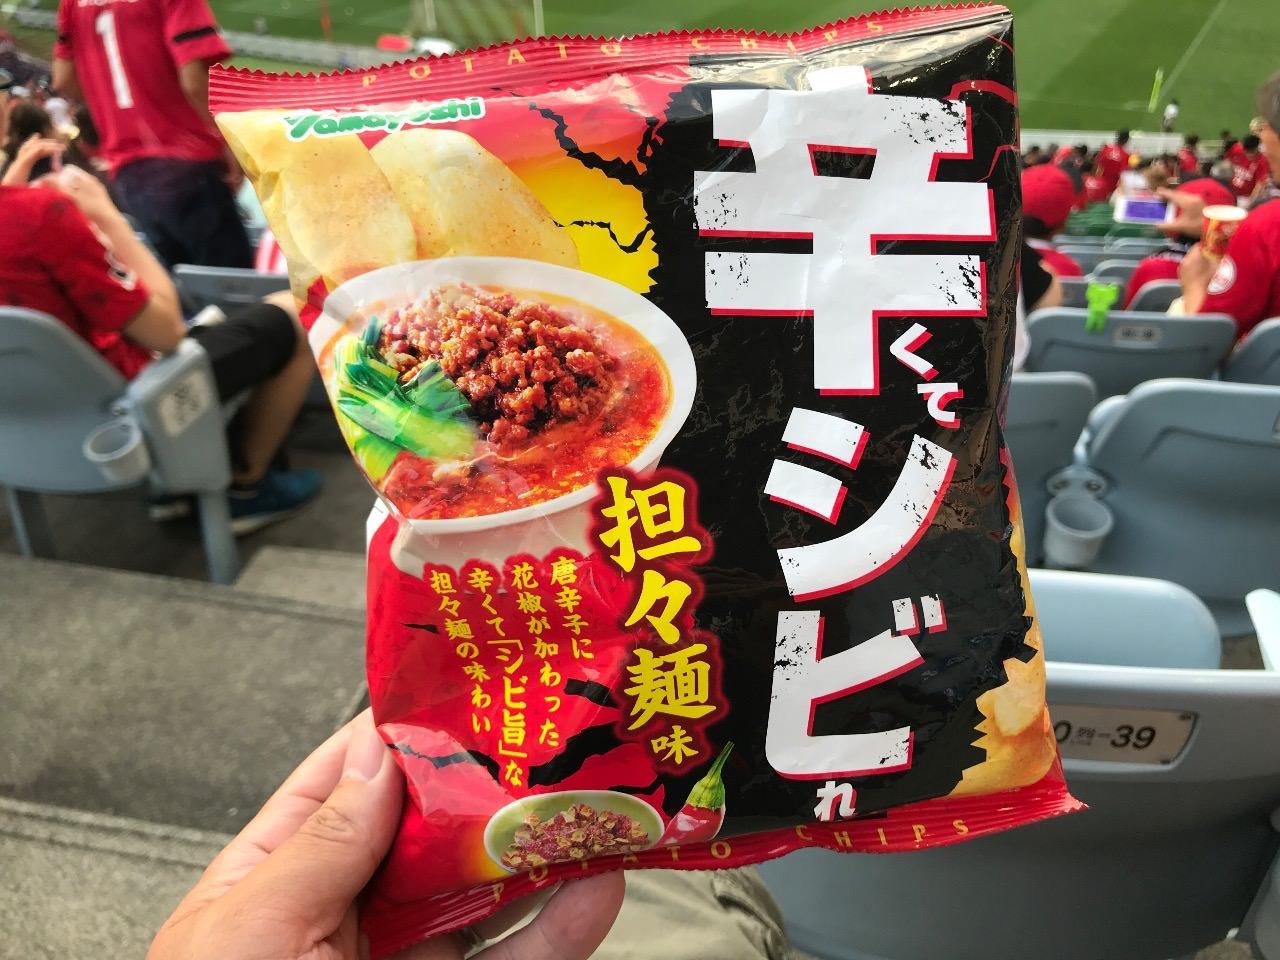 辛シビなポテトチップス「辛くてシビれる!担々麺味」花椒が利いてて美味い【感想】